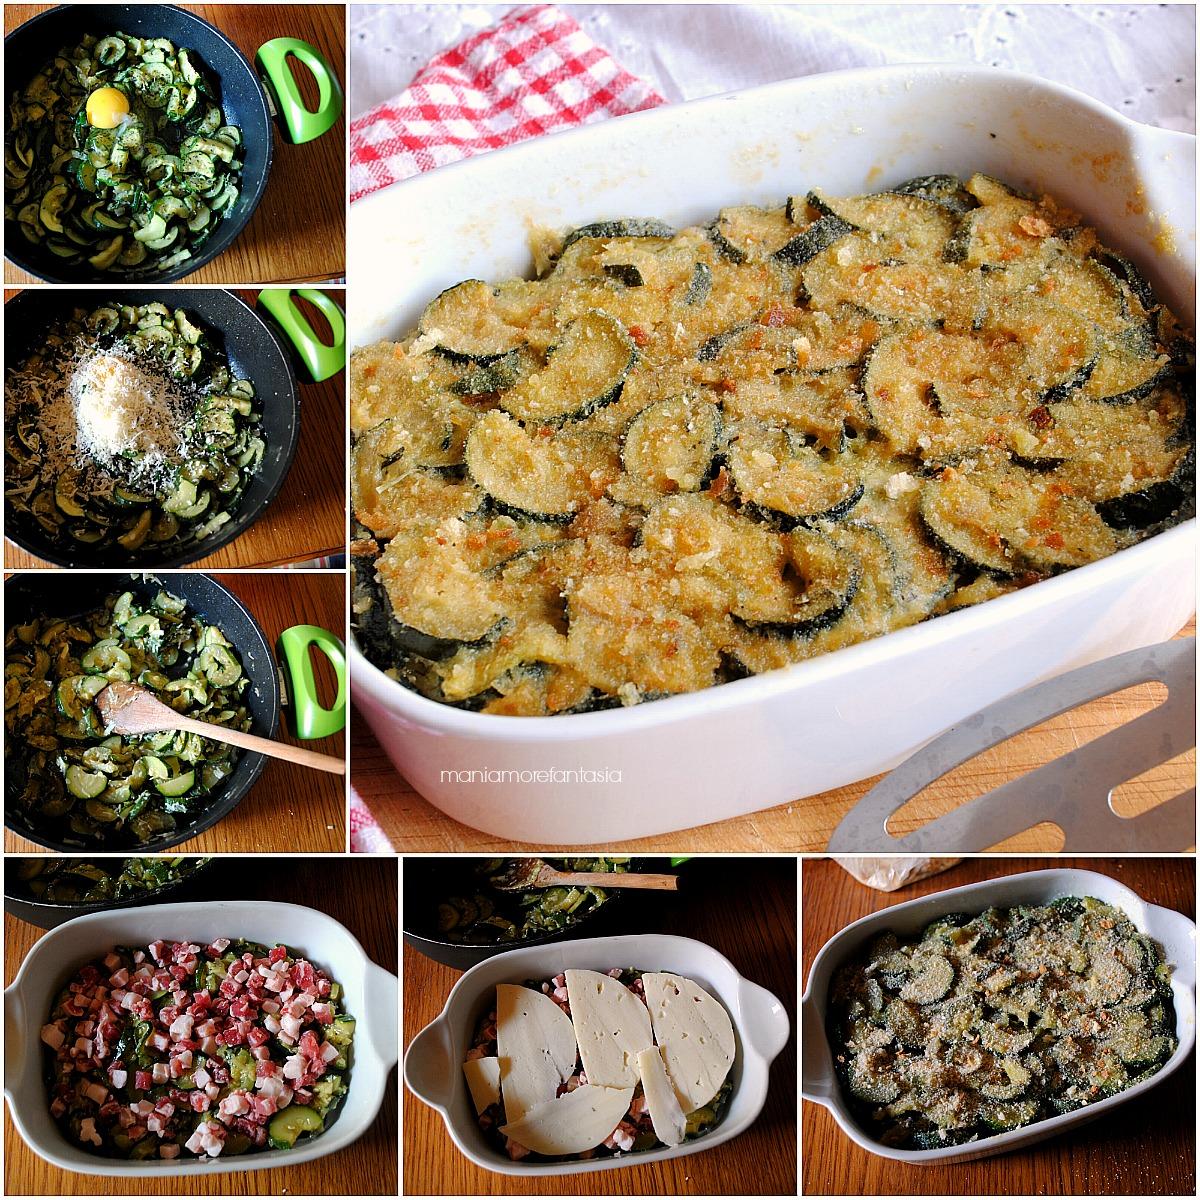 sformato di zucchine pancetta e formaggio filante